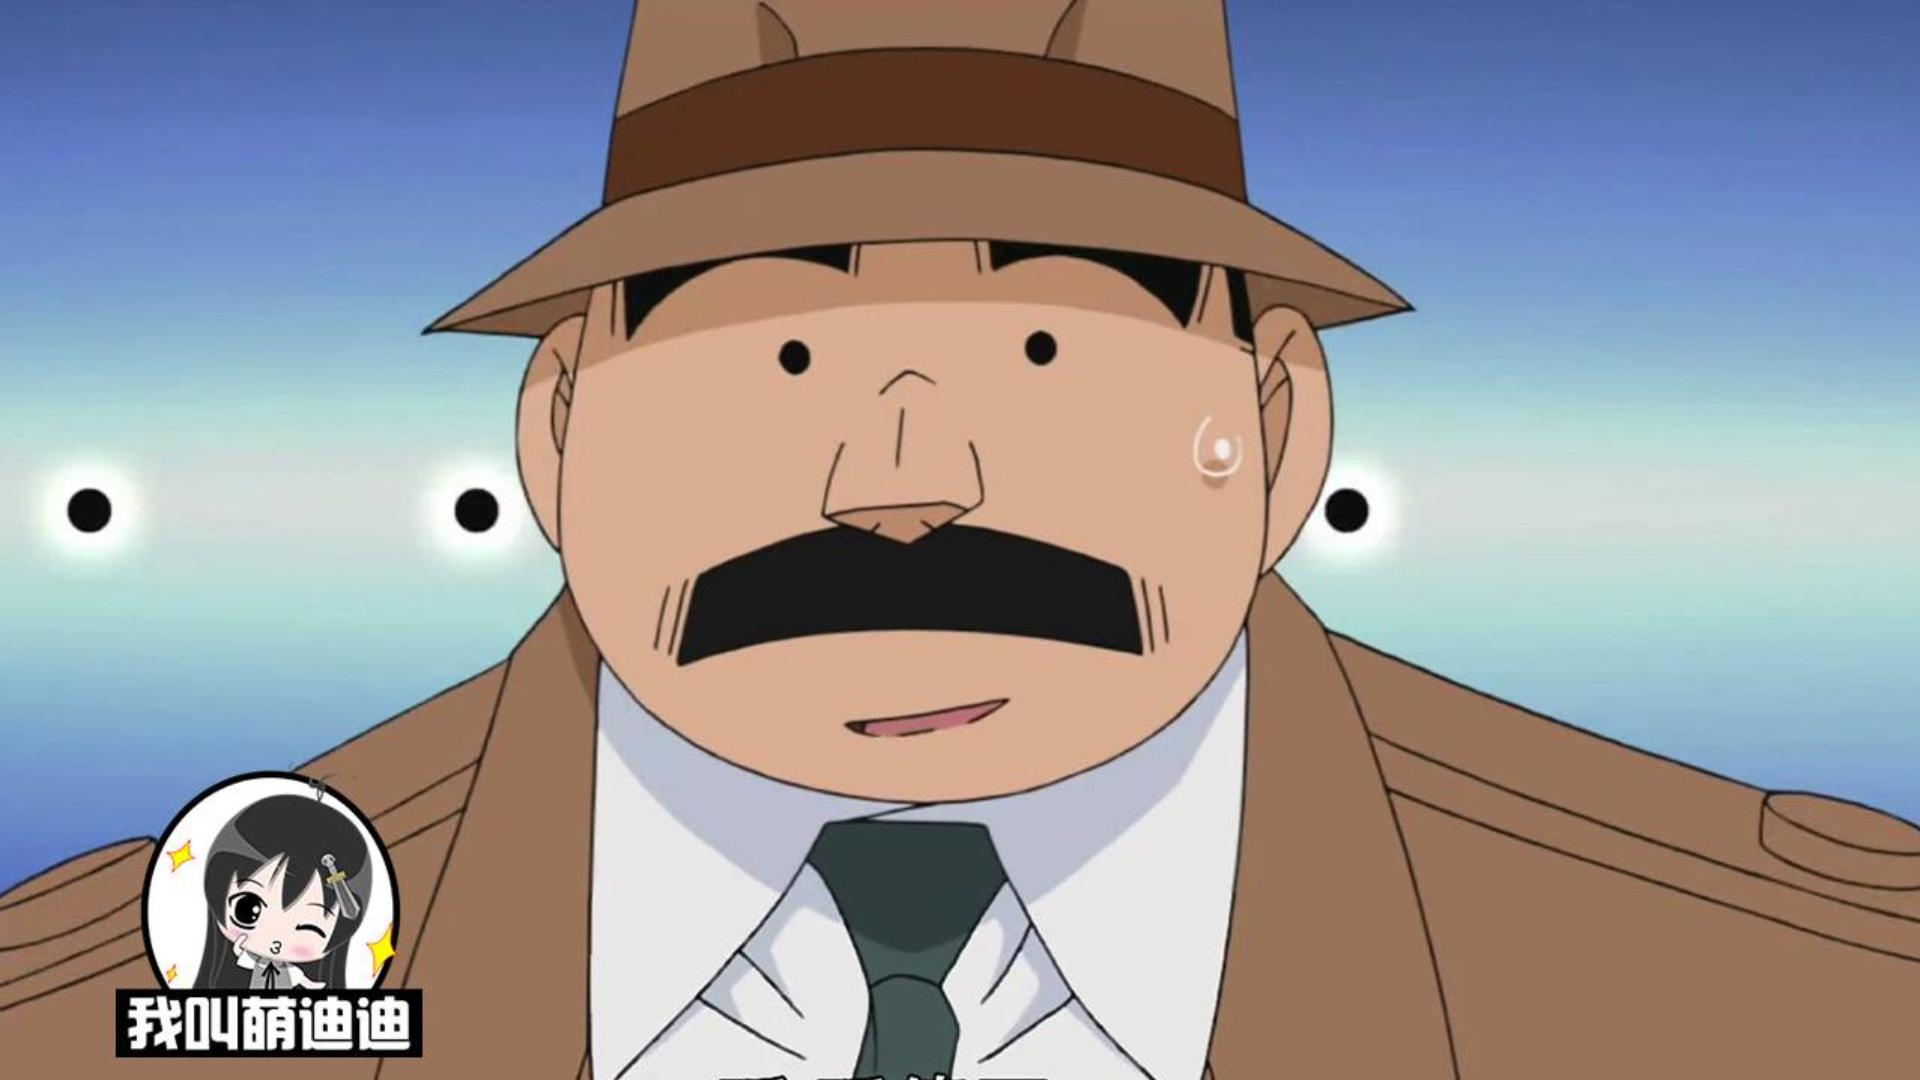 目暮警官没摘过帽子,被少年侦探团怀疑是秃头,却是爱妻子的证据